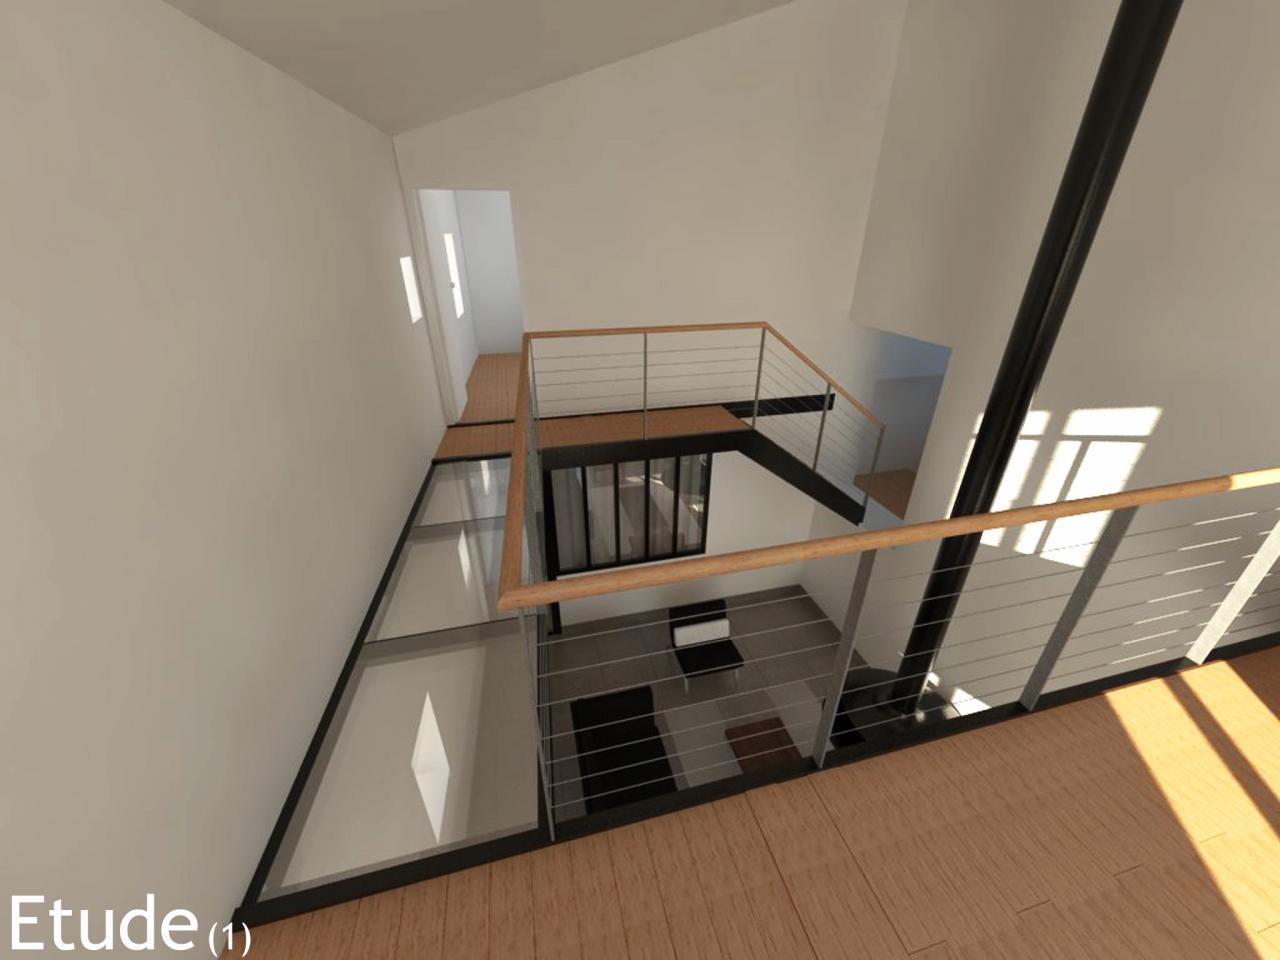 Travaux de restructuration interieure d 39 une maison for Interieure maison